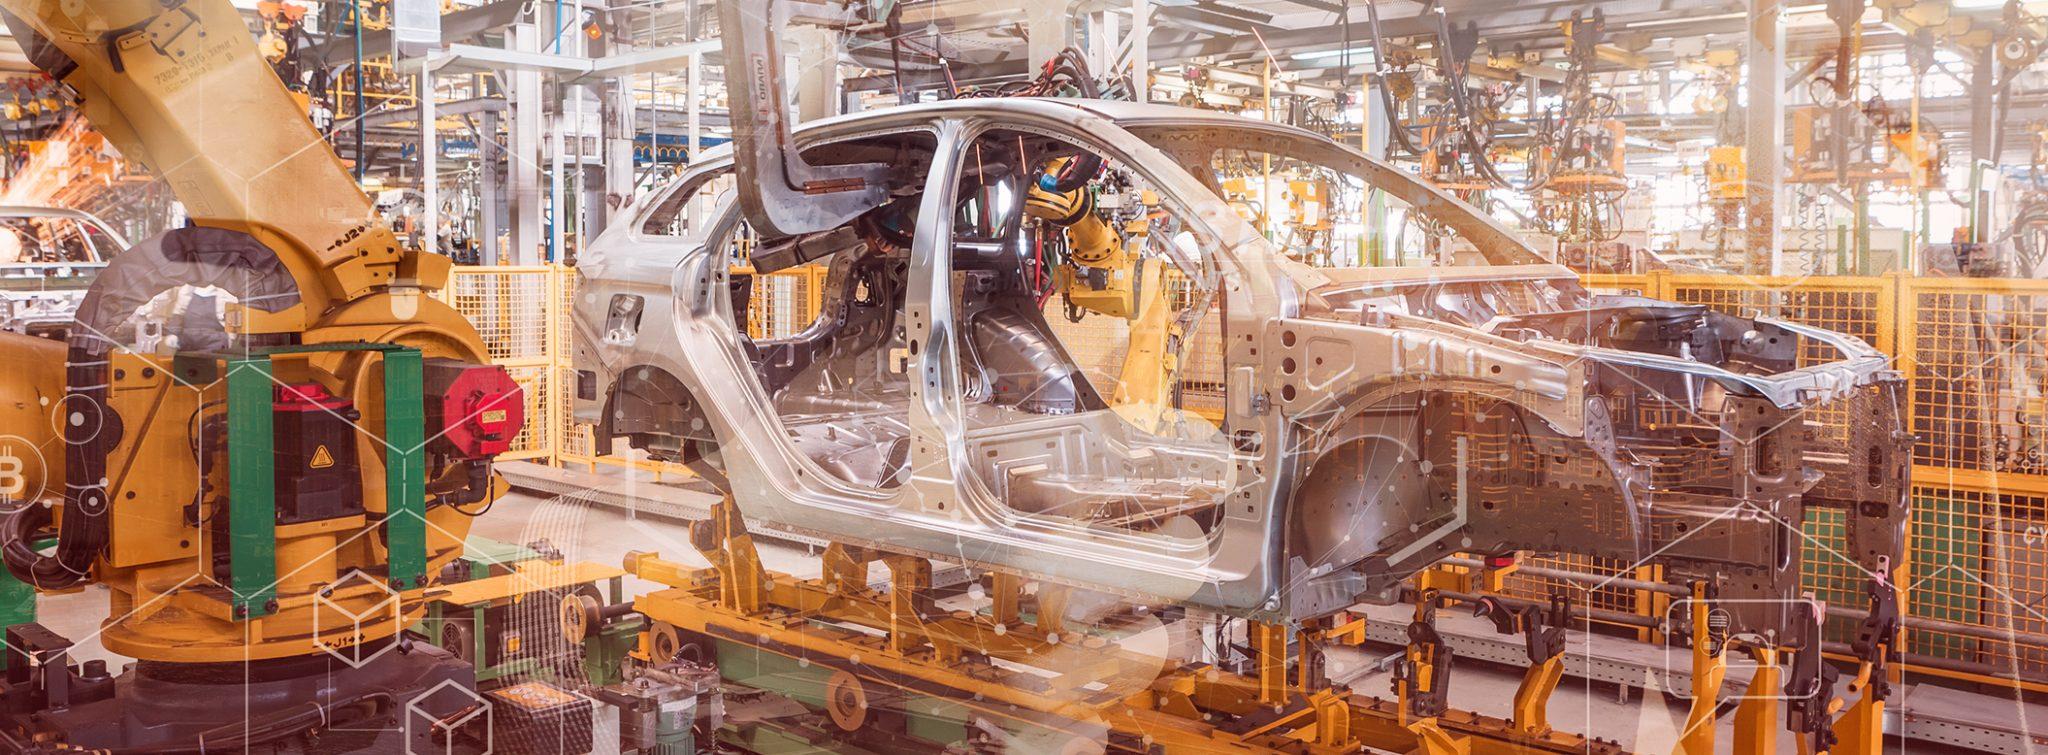 Indústria 4.0 e Smart Factory no setor automobilístico